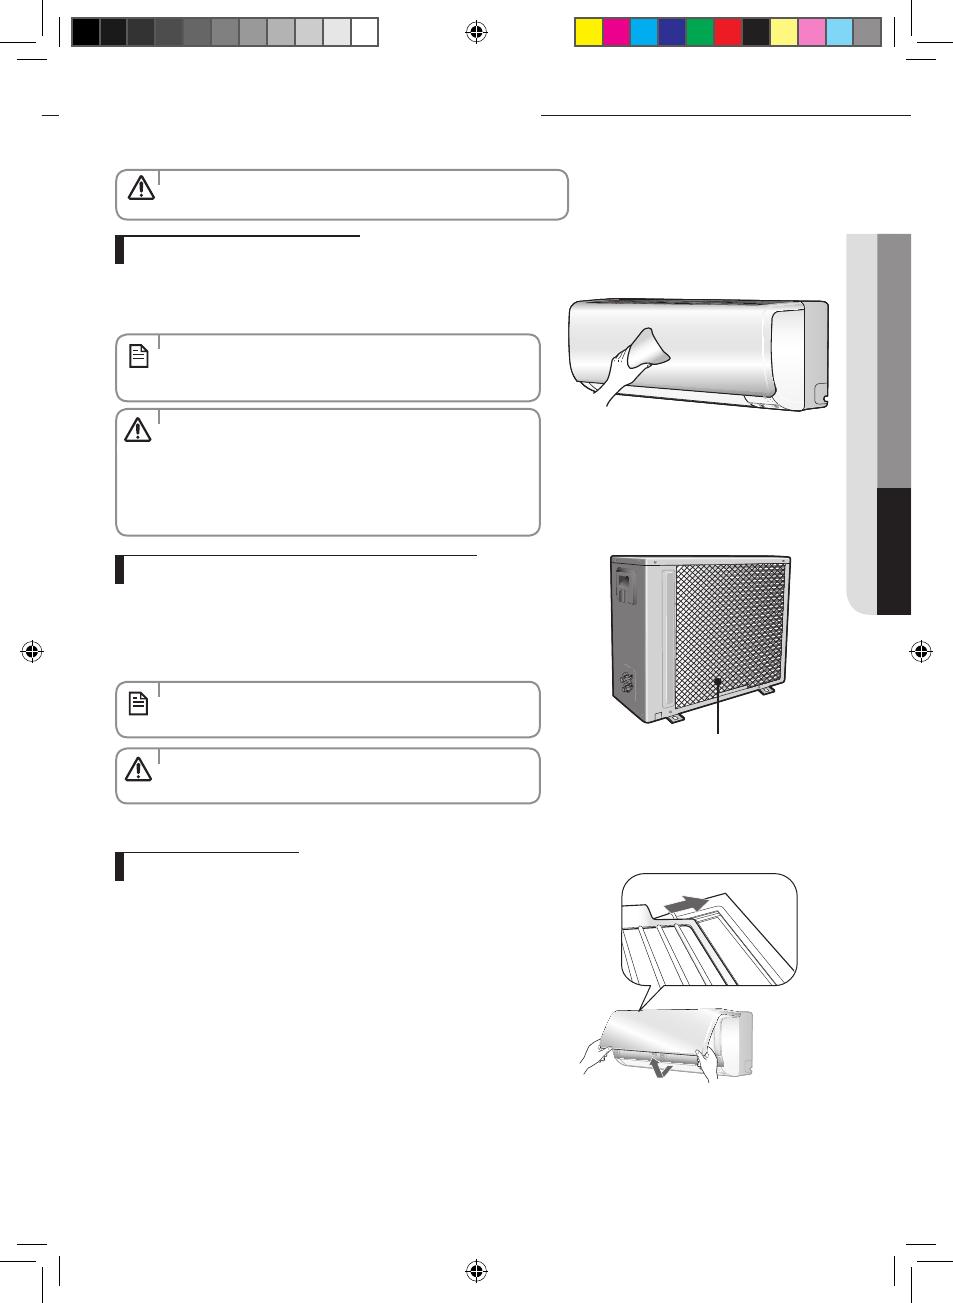 Кондиционер Samsung Aq12tsbn инструкция